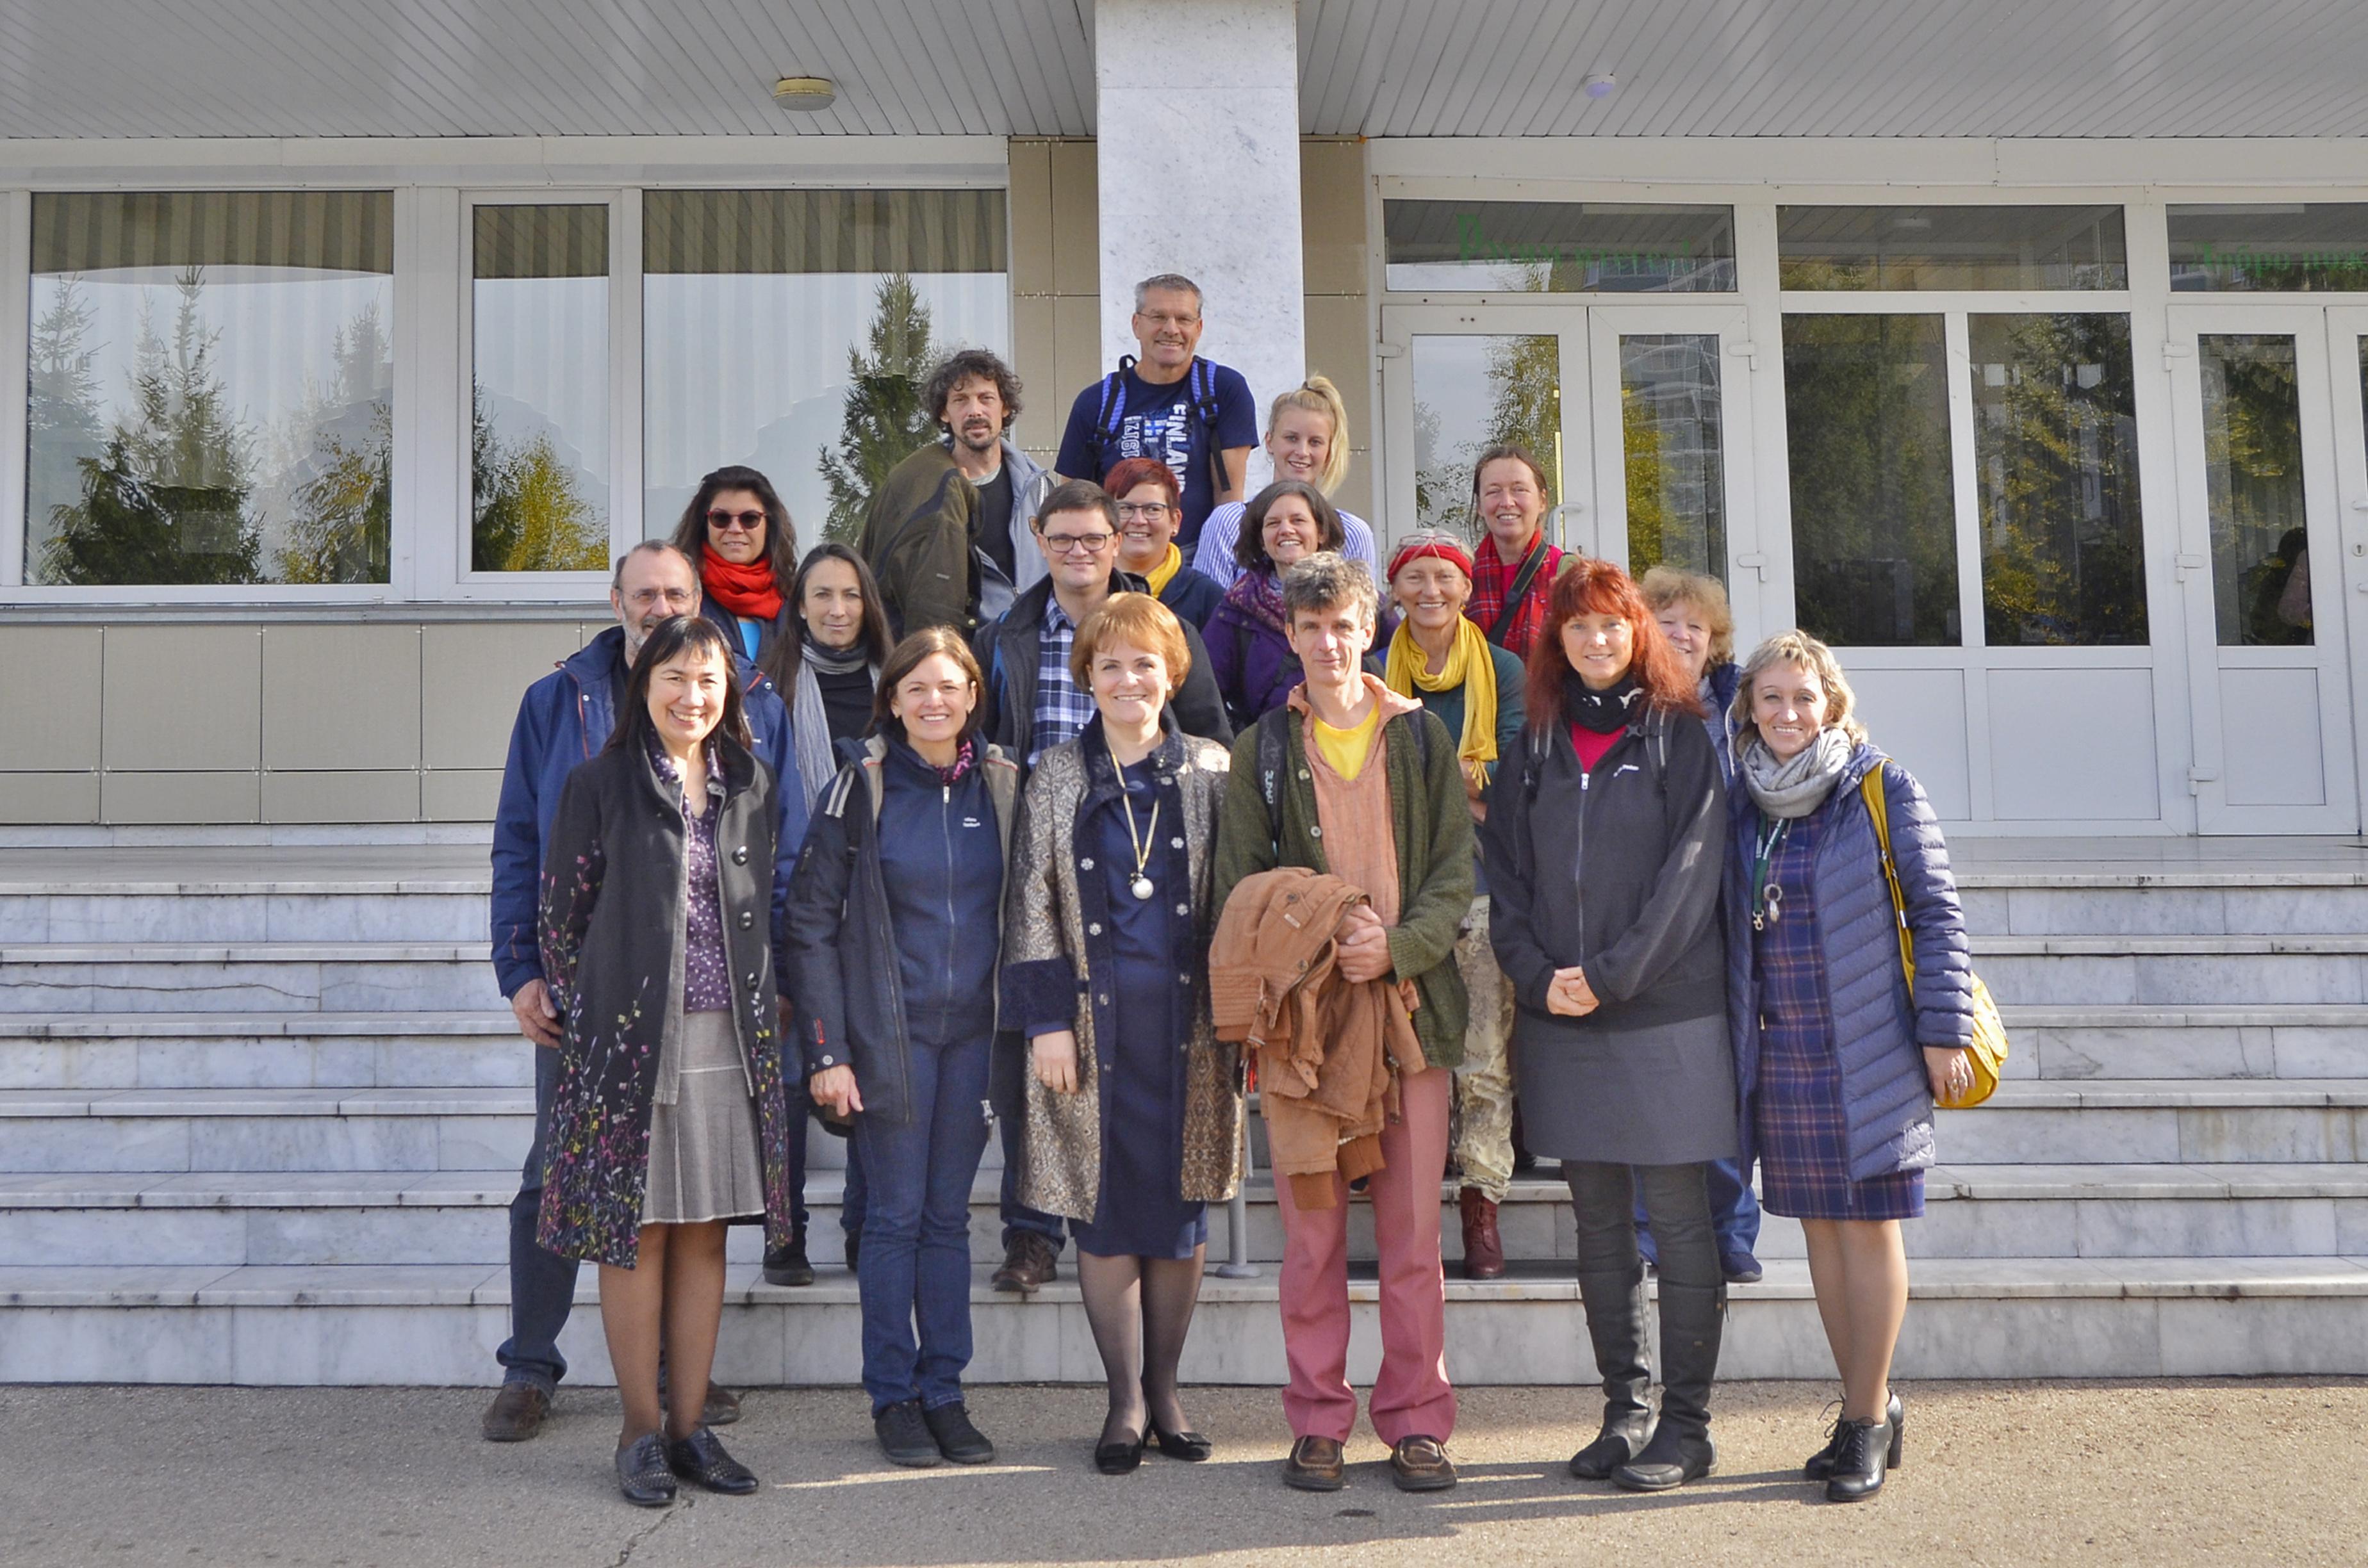 Педагоги из Германии ознакомились с работой педагогов НГПУ